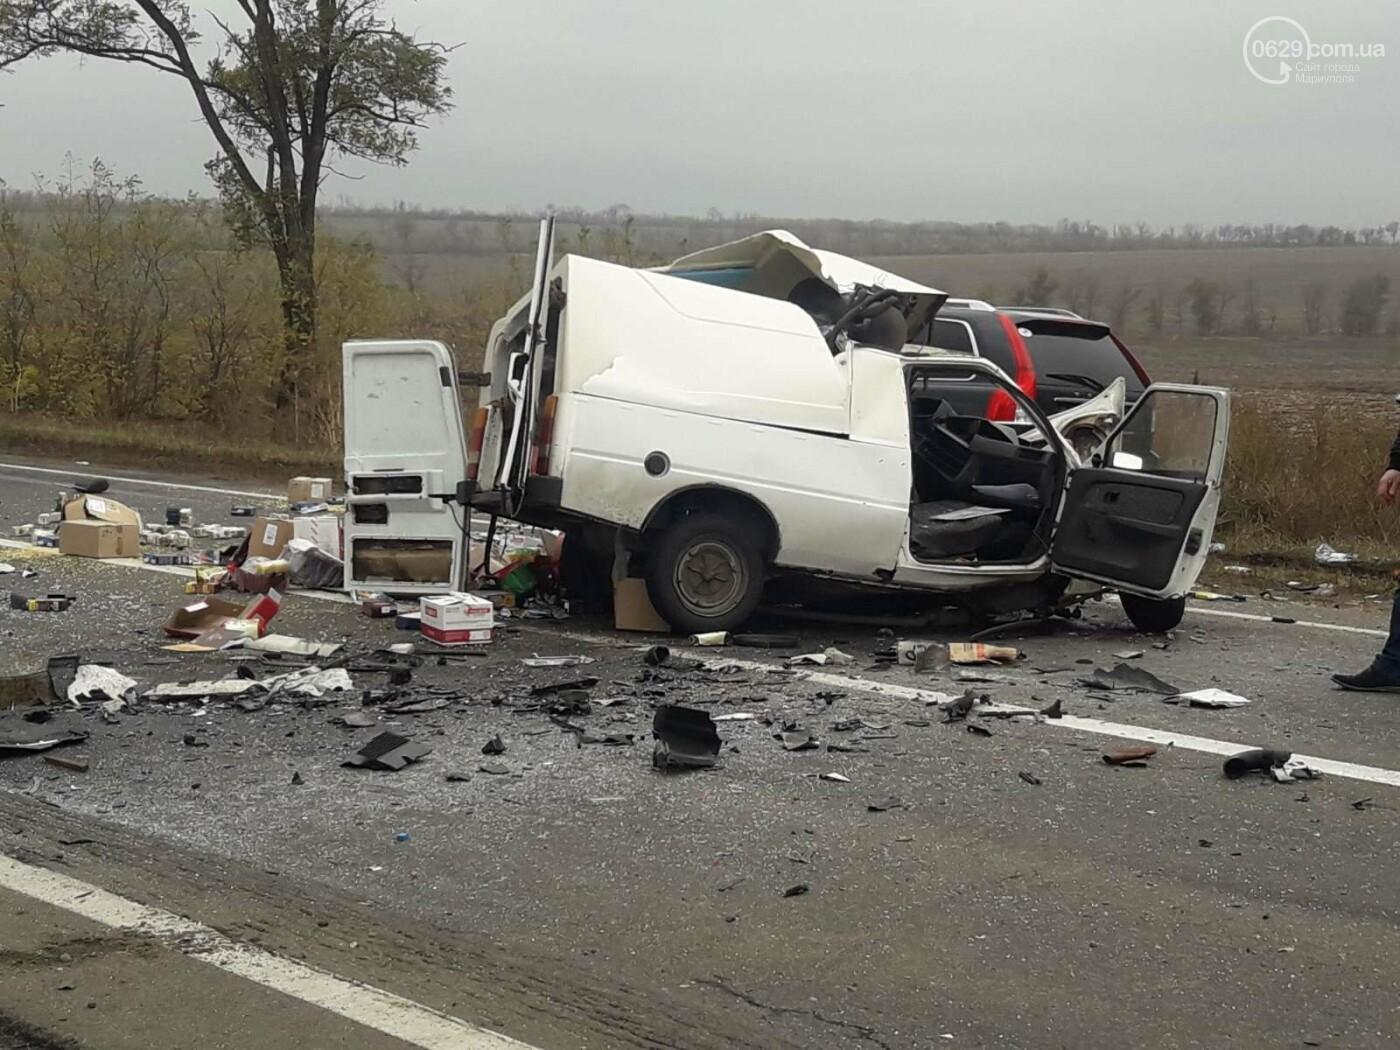 Автомобили вдребезги. В аварии на трассе под Мариуполем погибли два водителя, - ФОТО 18+, фото-7